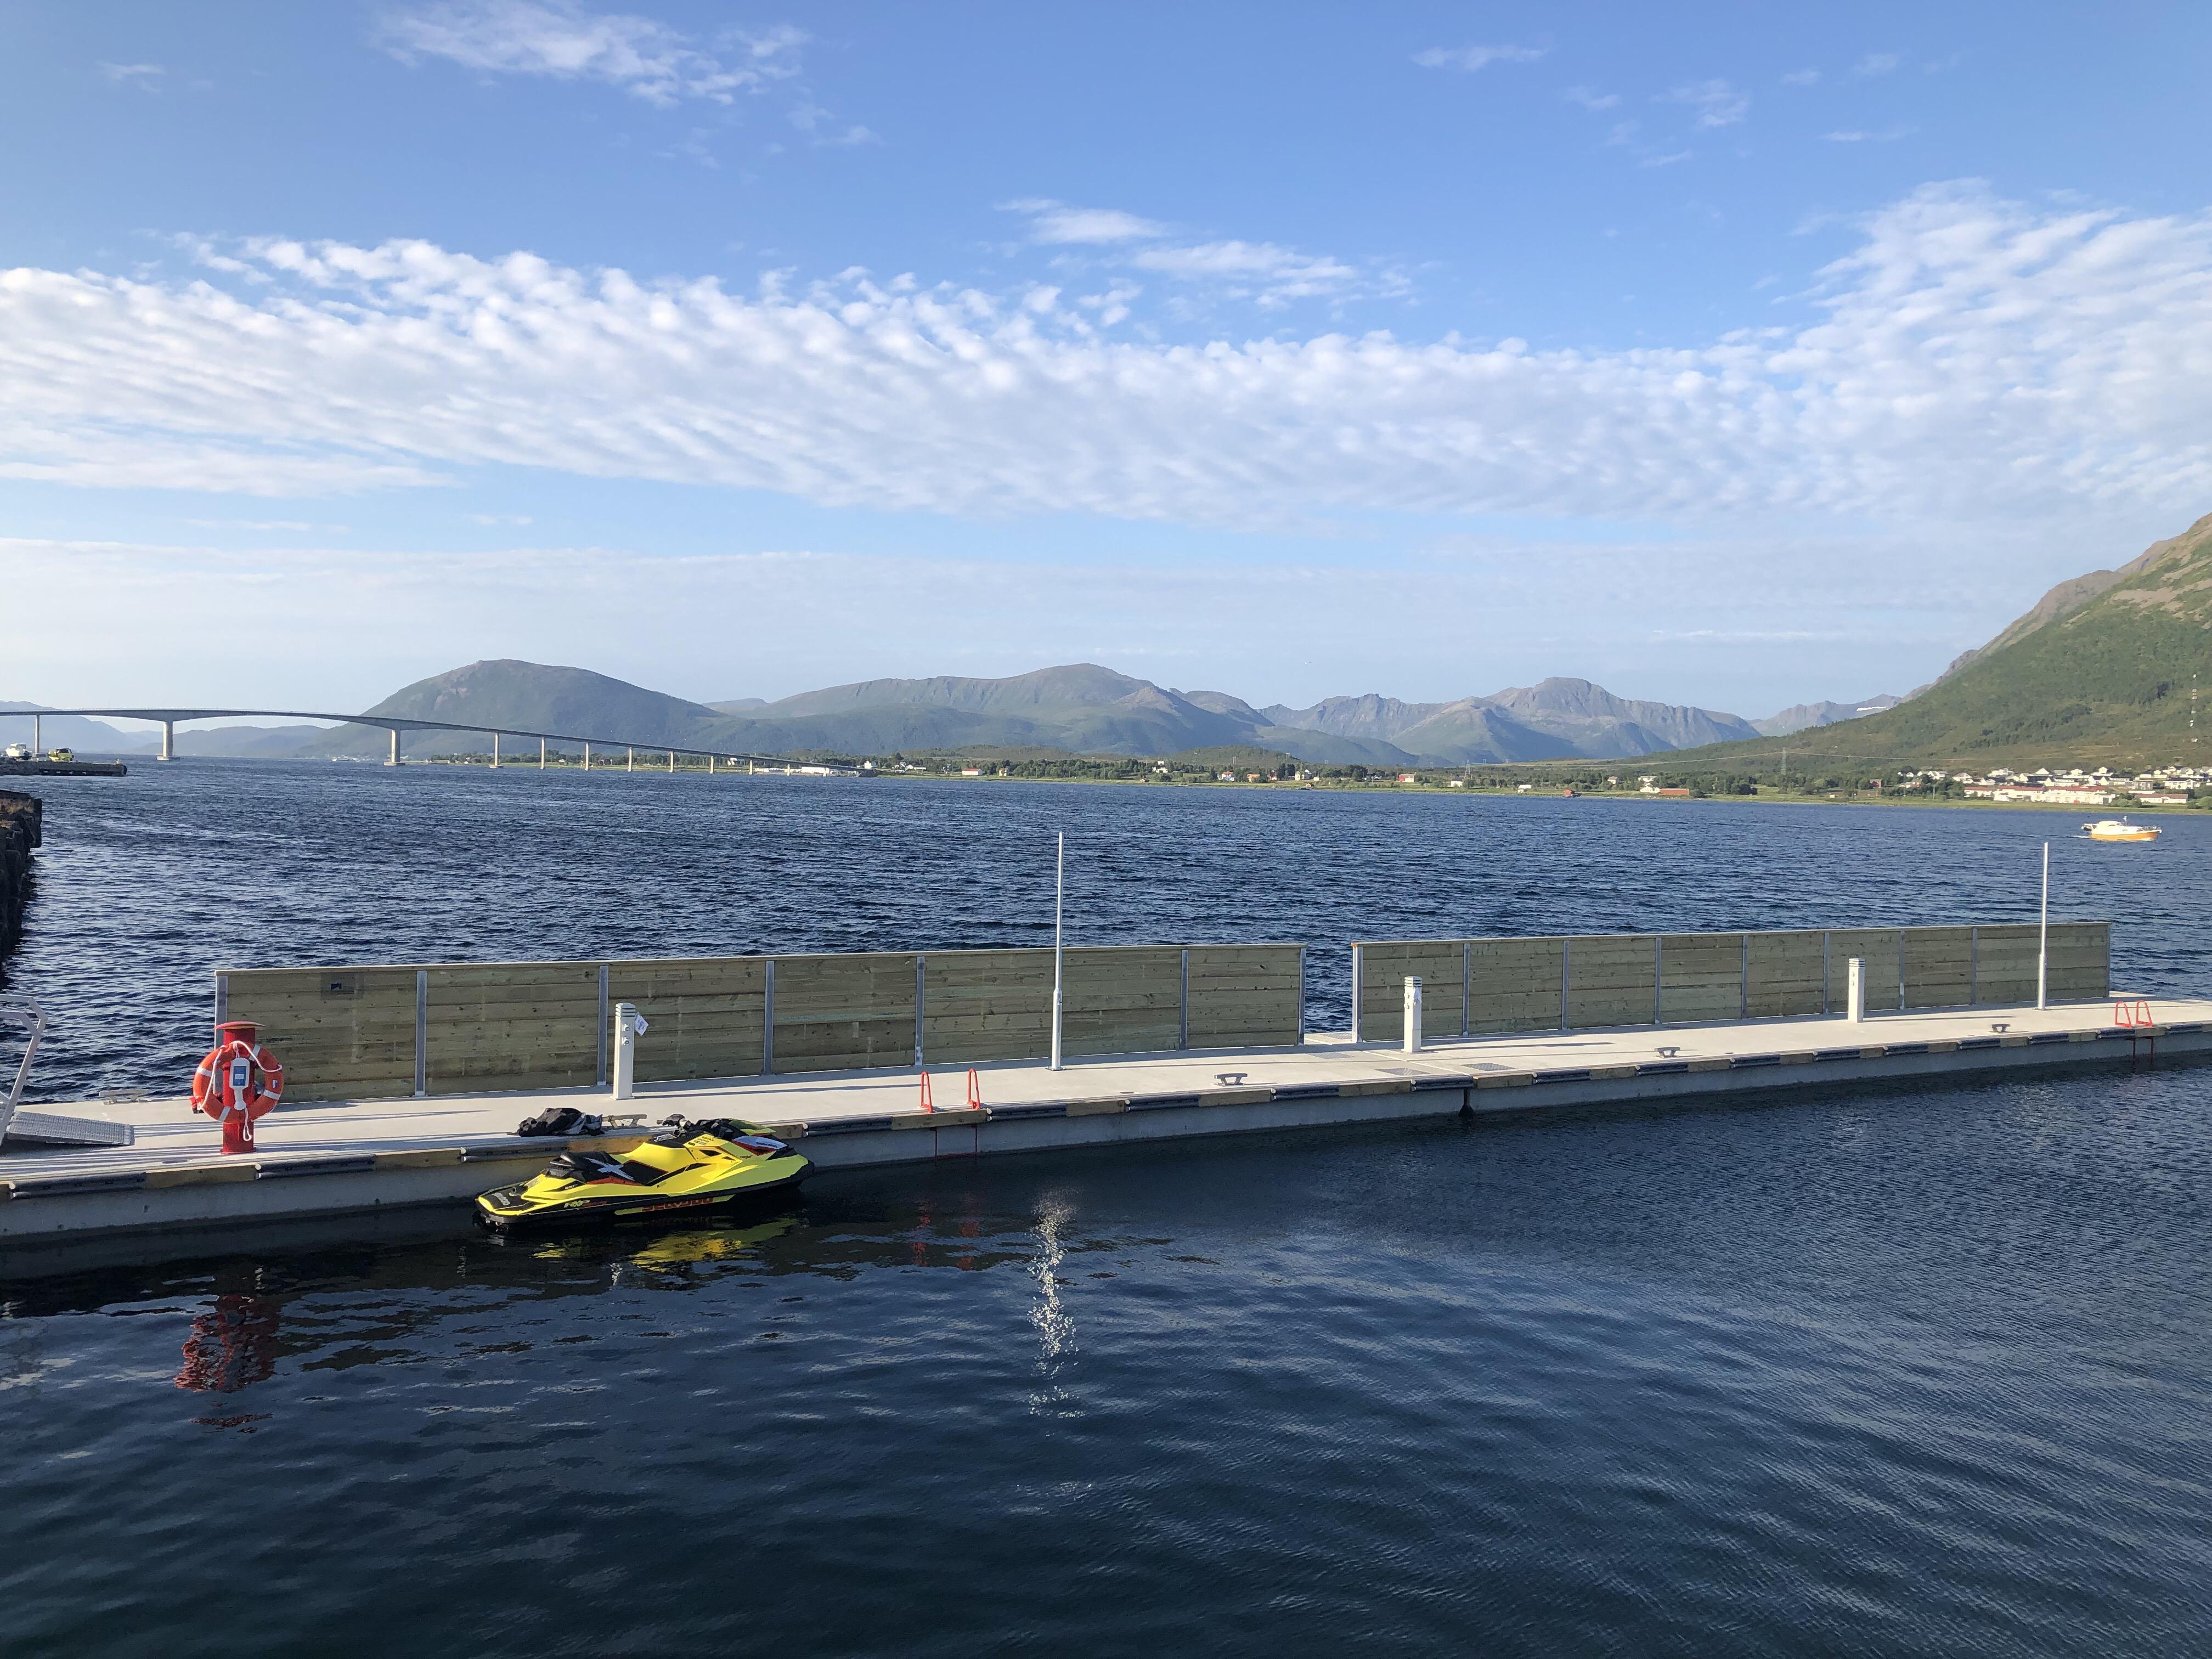 https://marinasolutions.no/uploads/Flytebrygger-Sortland-Torghuken-2.JPG